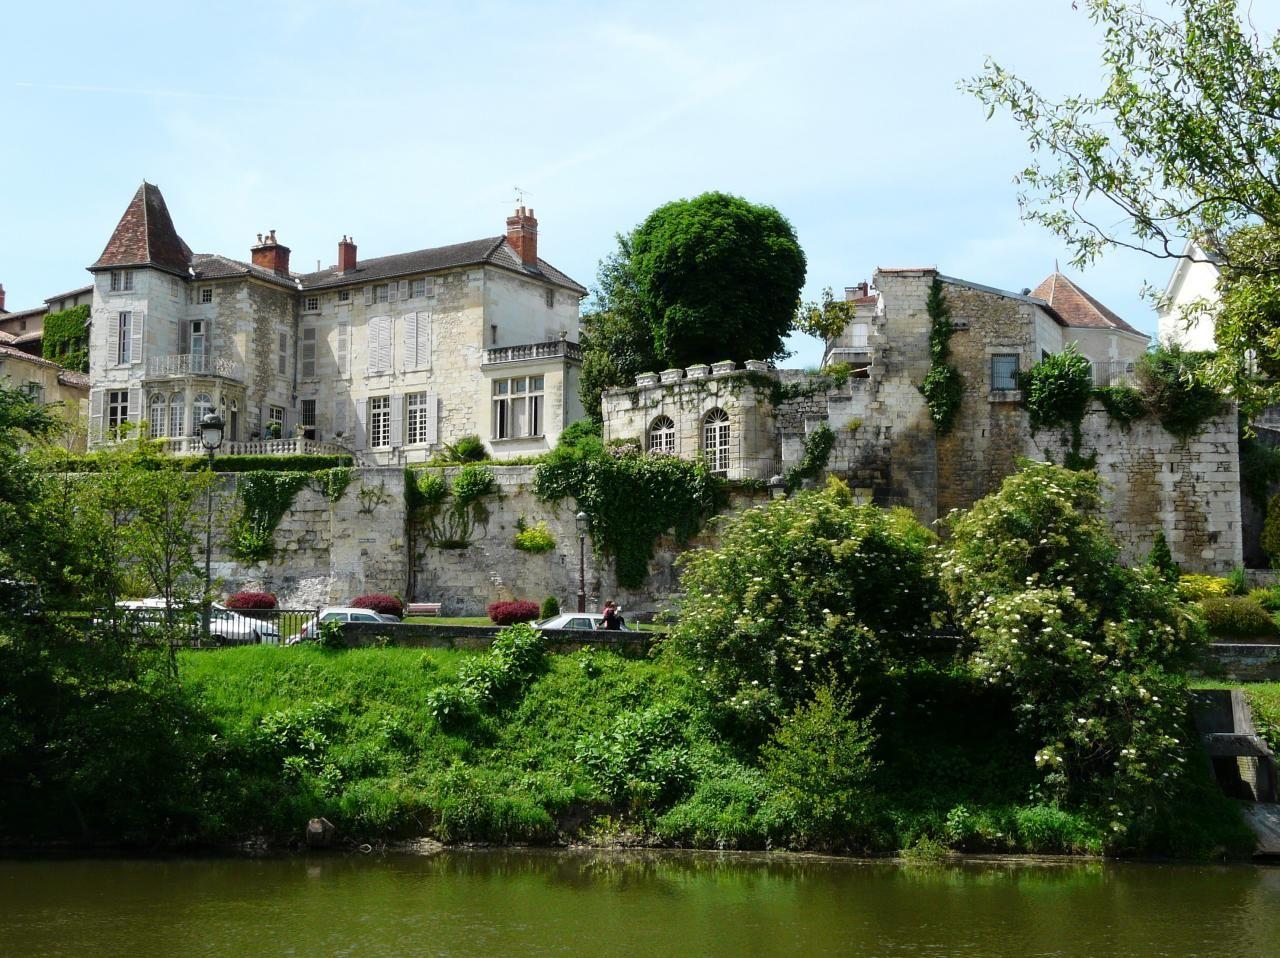 Decouverte Touristique De Perigueux Dordogne Aquitaine Dordogne Perigueux Vacances En France